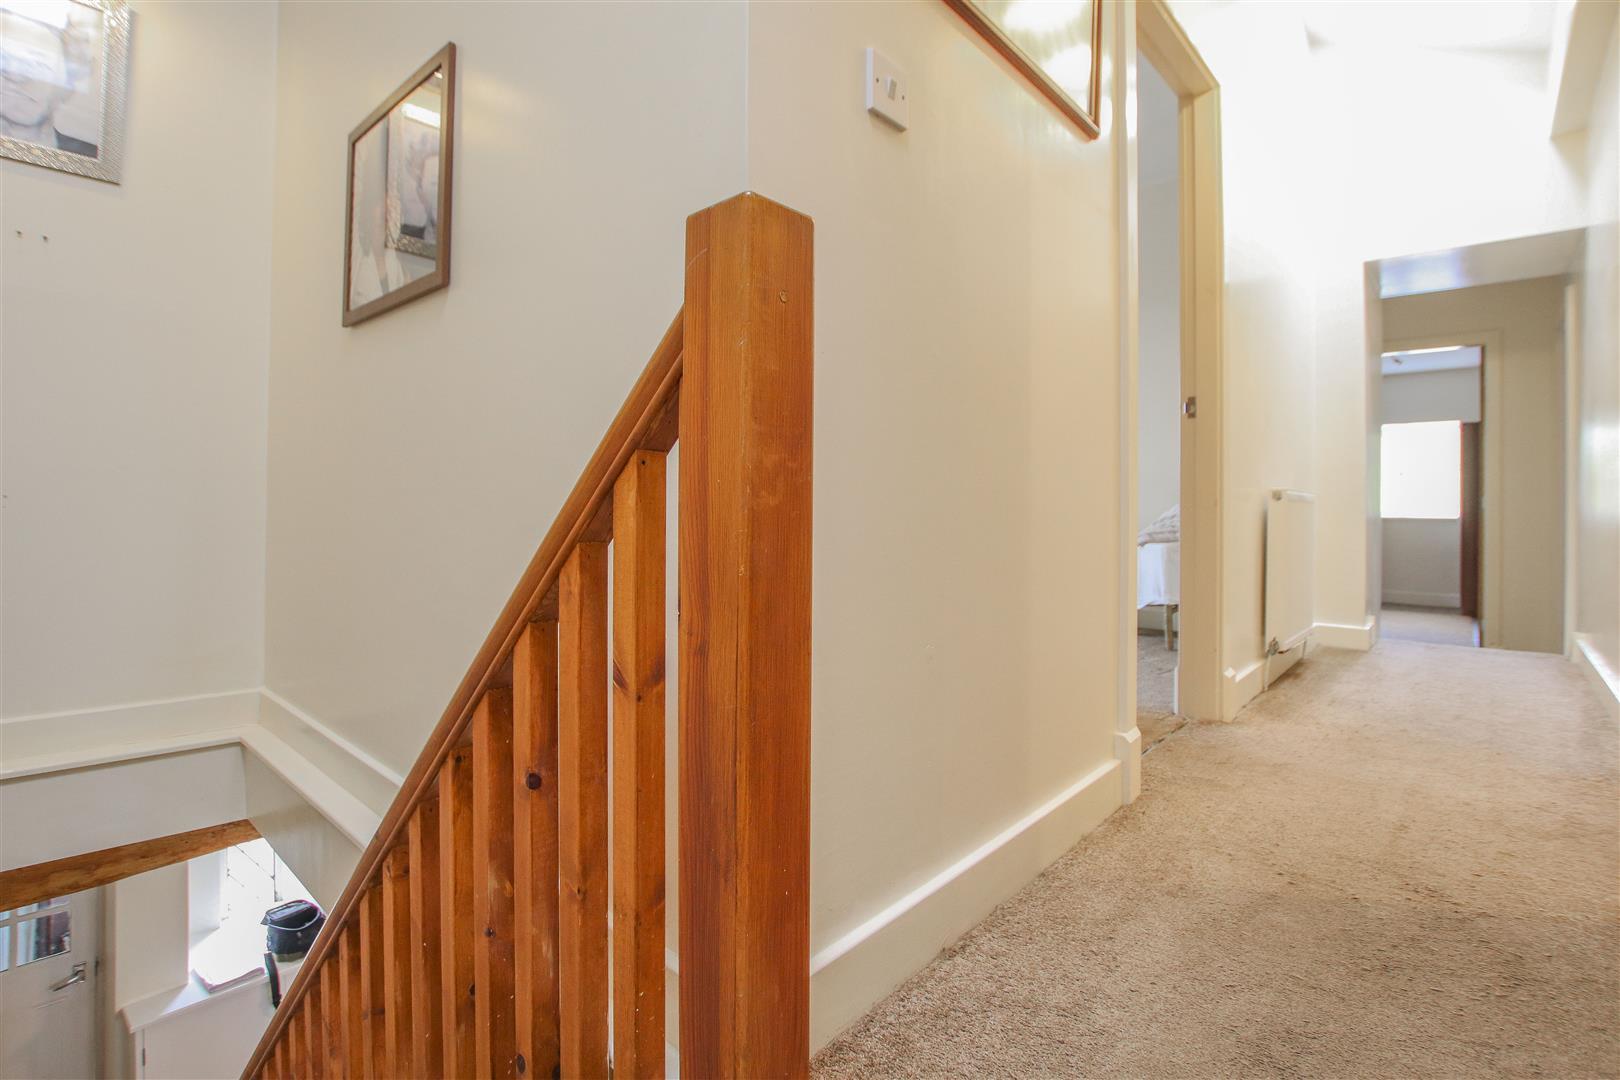 4 Bedroom Farmhouse For Sale - 16.JPG